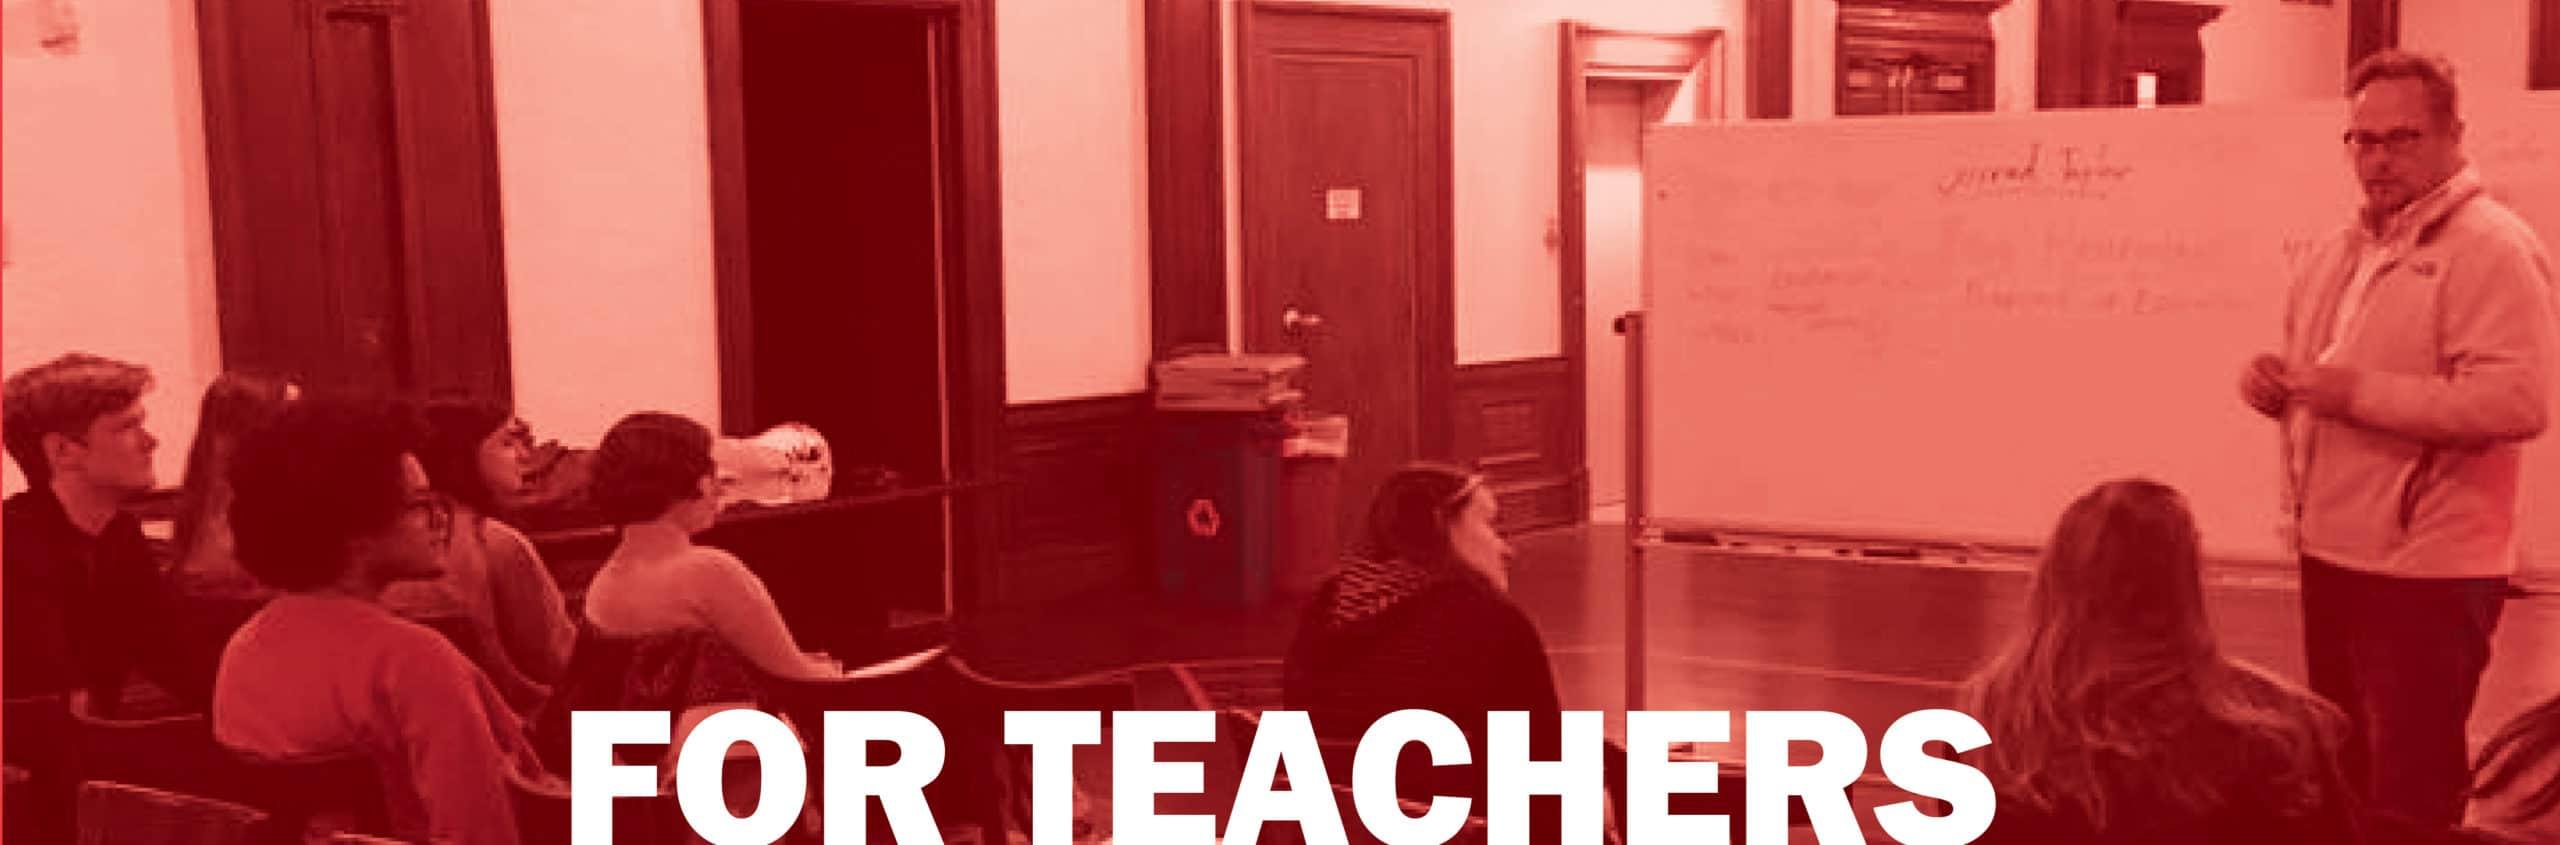 FOR TEACHERS WEB HEADER